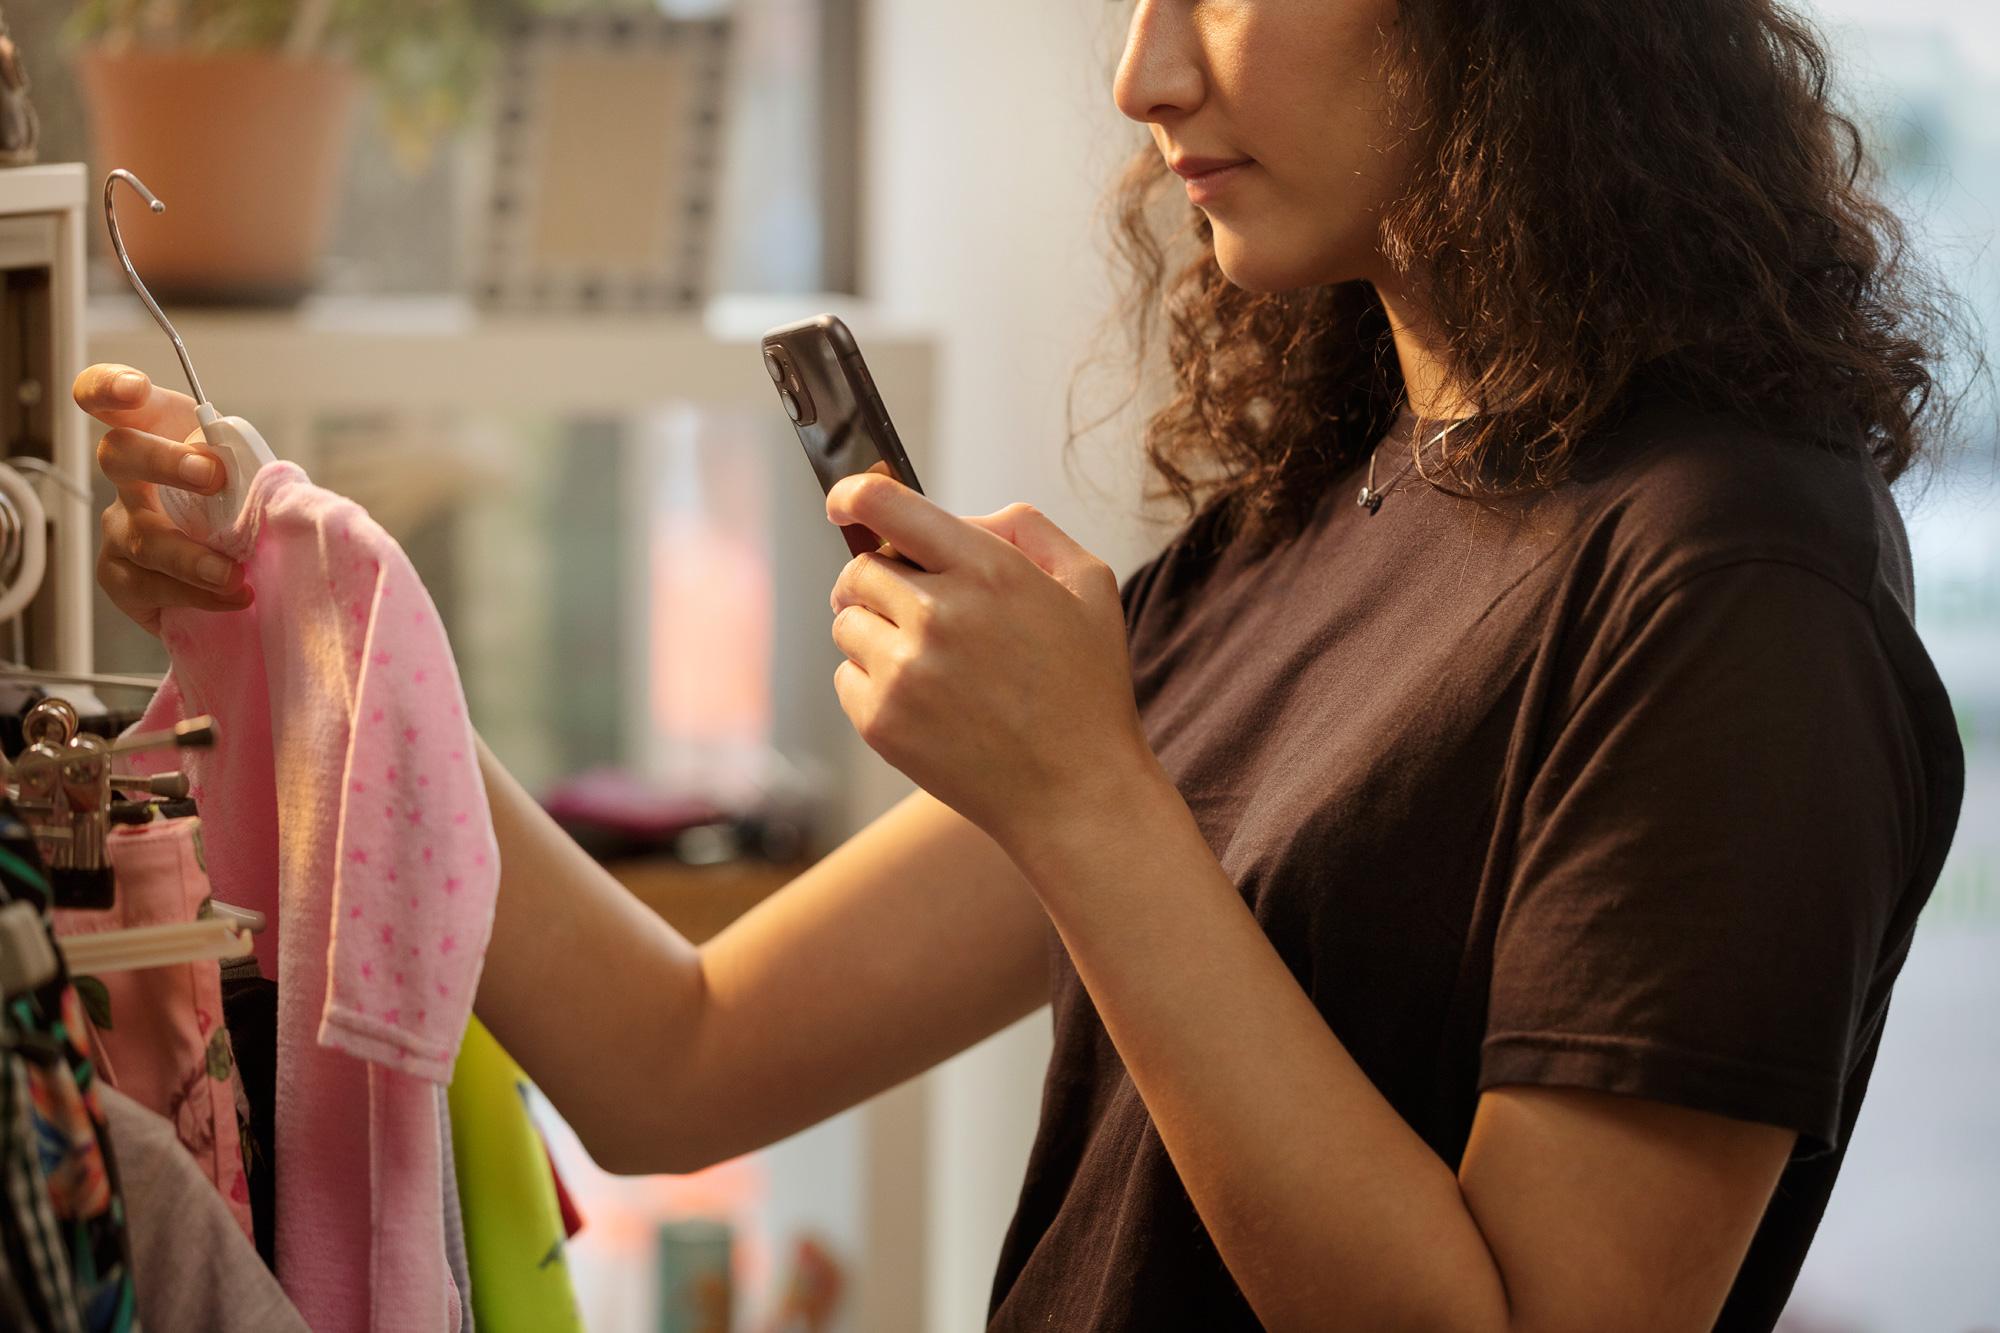 Mit der App Scan4Chem können Produkt-Barcodes gescannt werden, um Verbraucheranfragen zu erstellen.